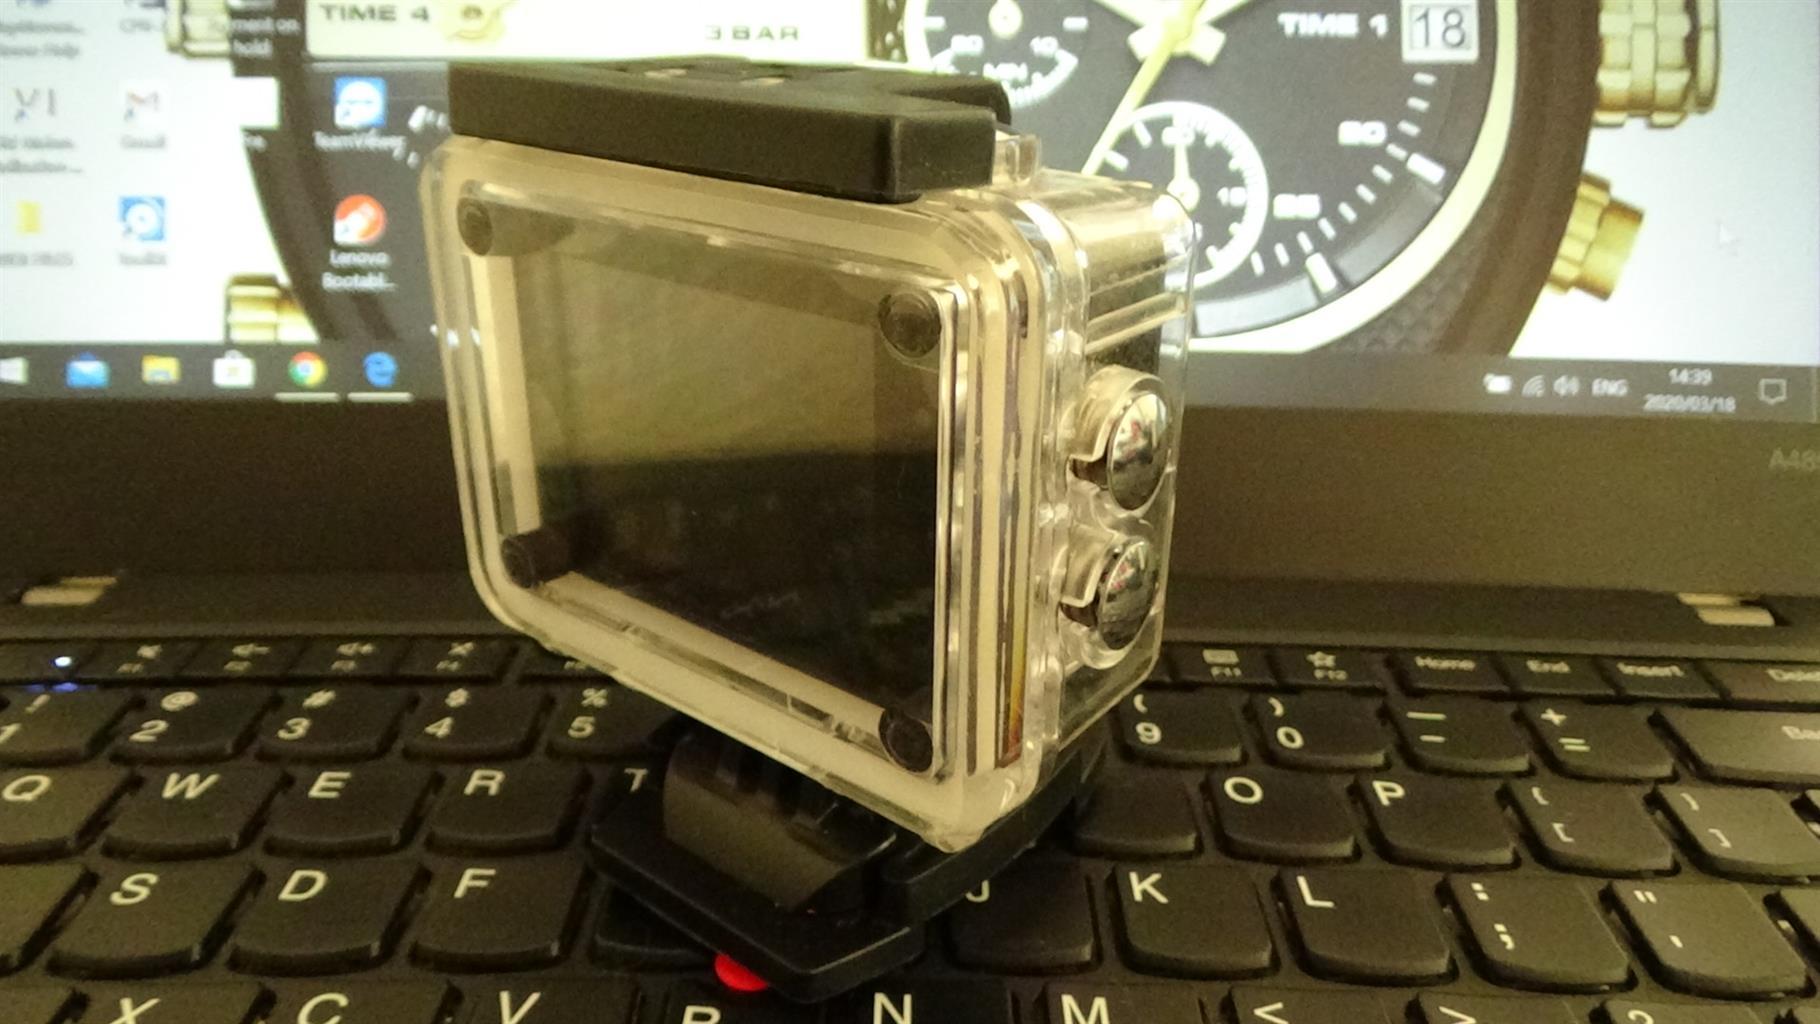 Volkano X Vision 4K Action Camera